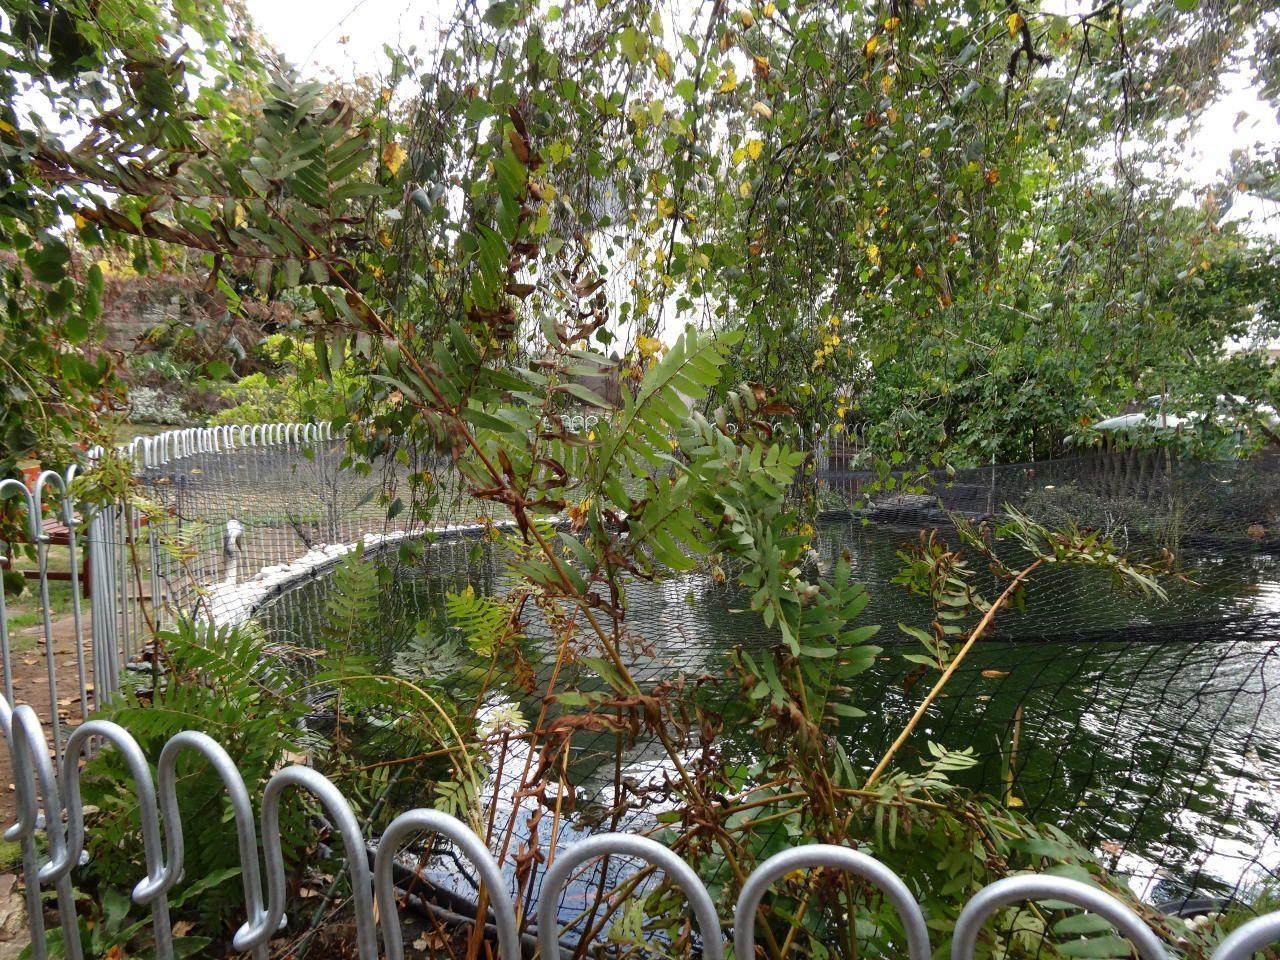 Da Wir Einen Fischreiher Als Gast Haben Wurde Eine Netz Uber Den Zaun Und Teich Gespannt Der Reiher Der Gelegentlich Unseren Fischbesa Fischreiher Teich Zaun